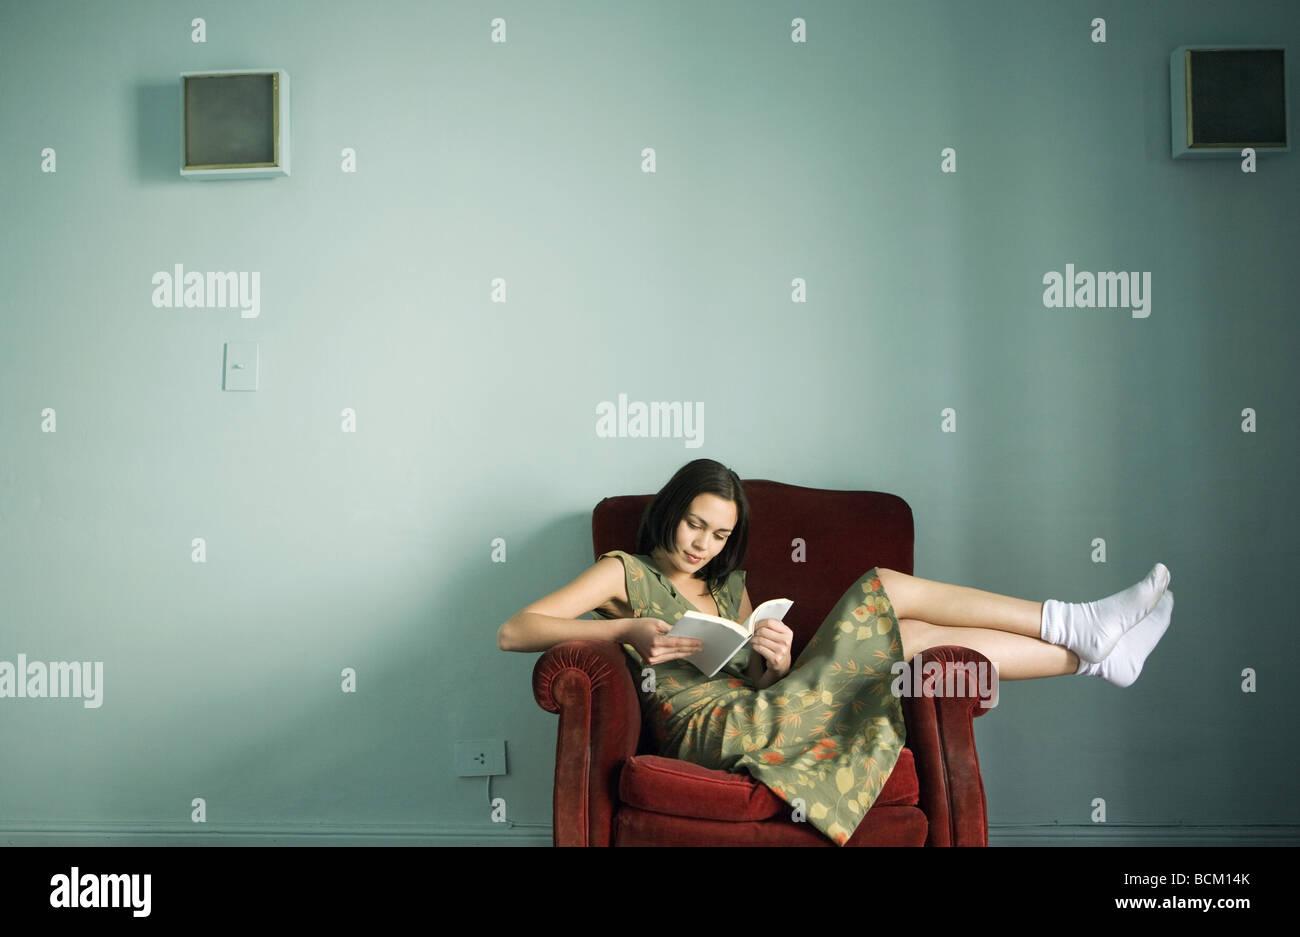 Woman Wearing White Socks Stock Photos Amp Woman Wearing